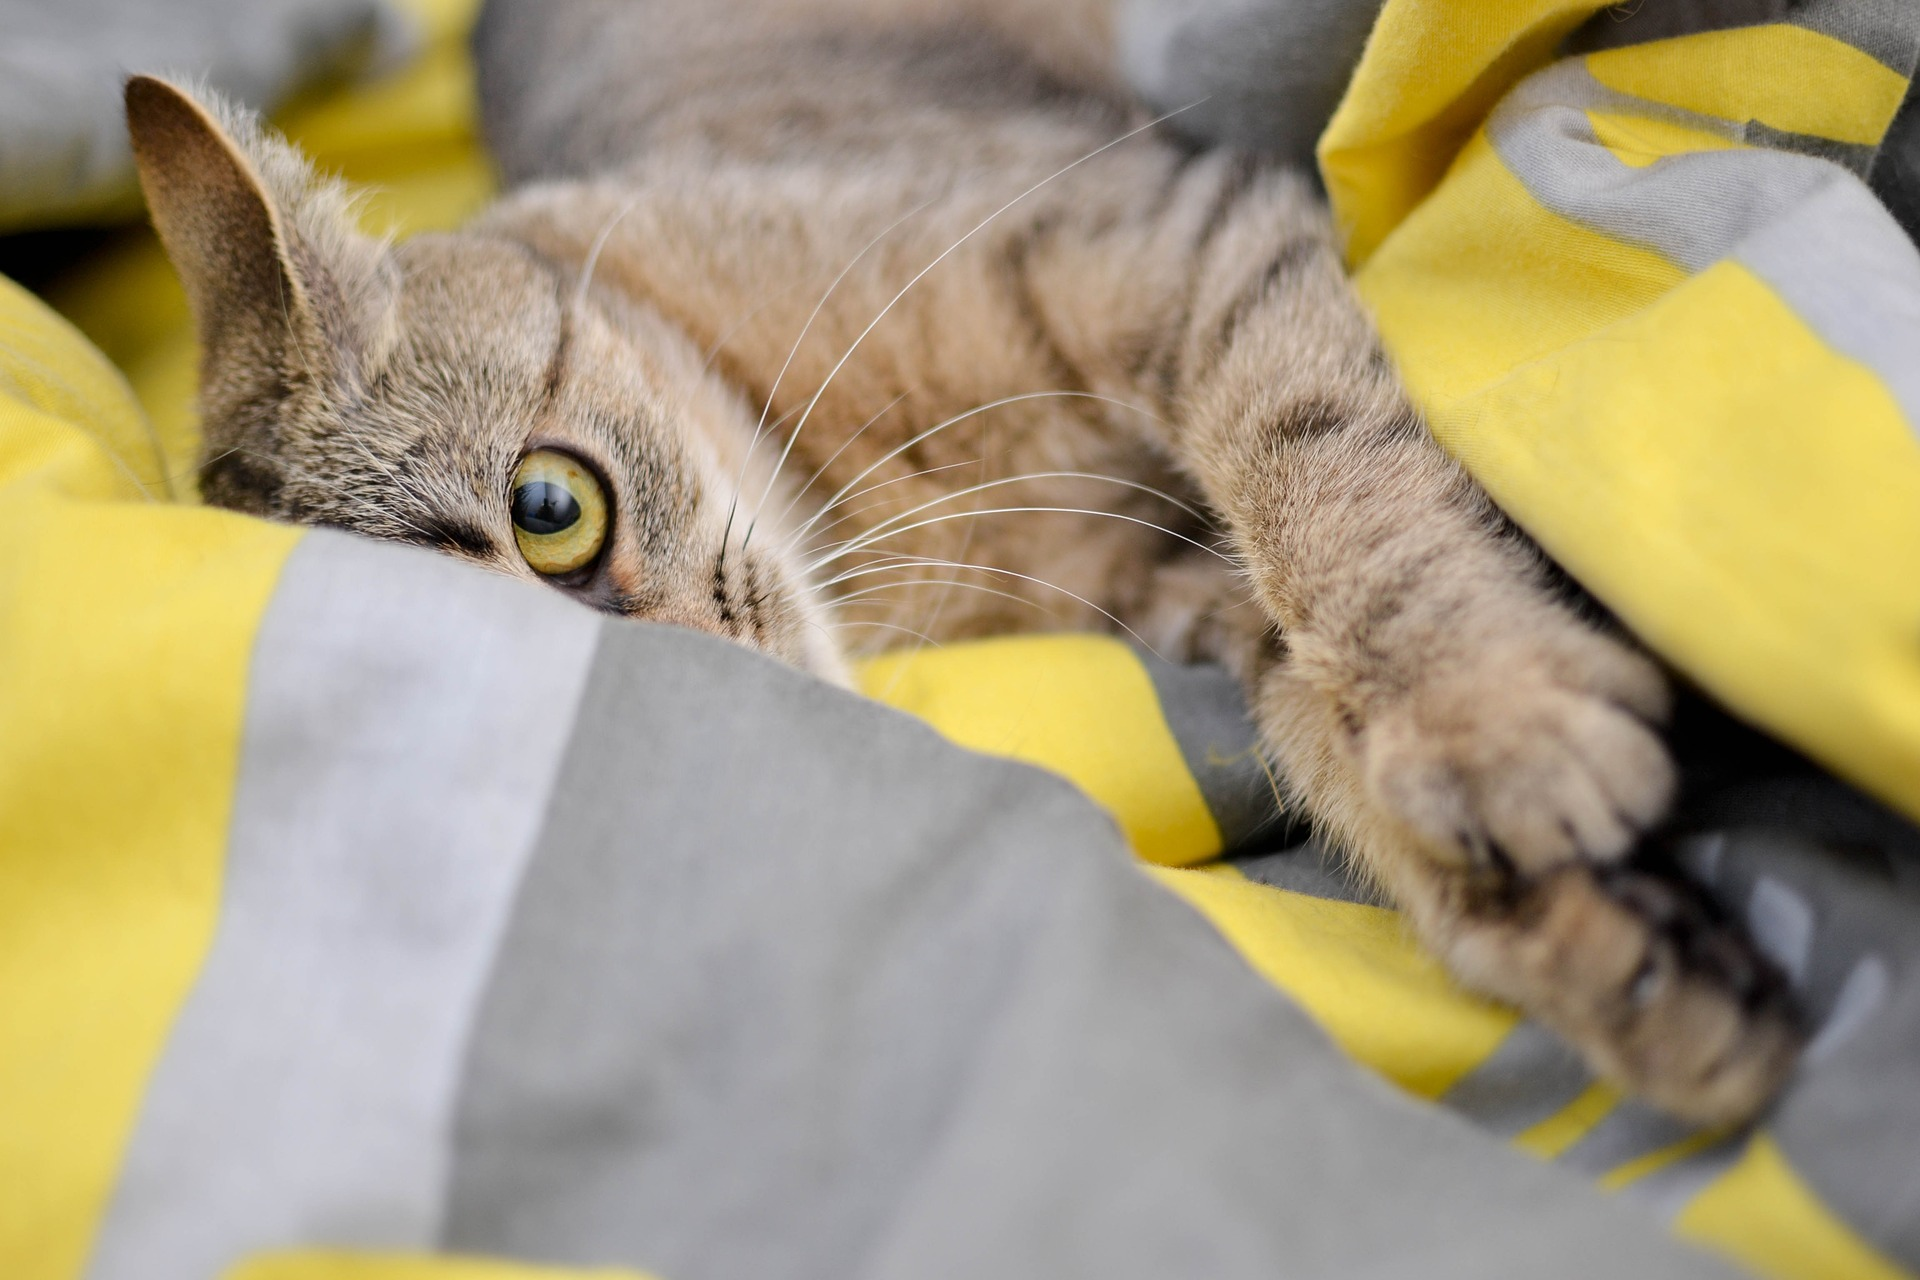 Sterylizacja kota to zupełnie inny zabieg niż kastracja. Zaleca się kastrować koty w około 3 miesiącu życia, przed rozpoczęciem znaczenia i przed pierwszą rują.